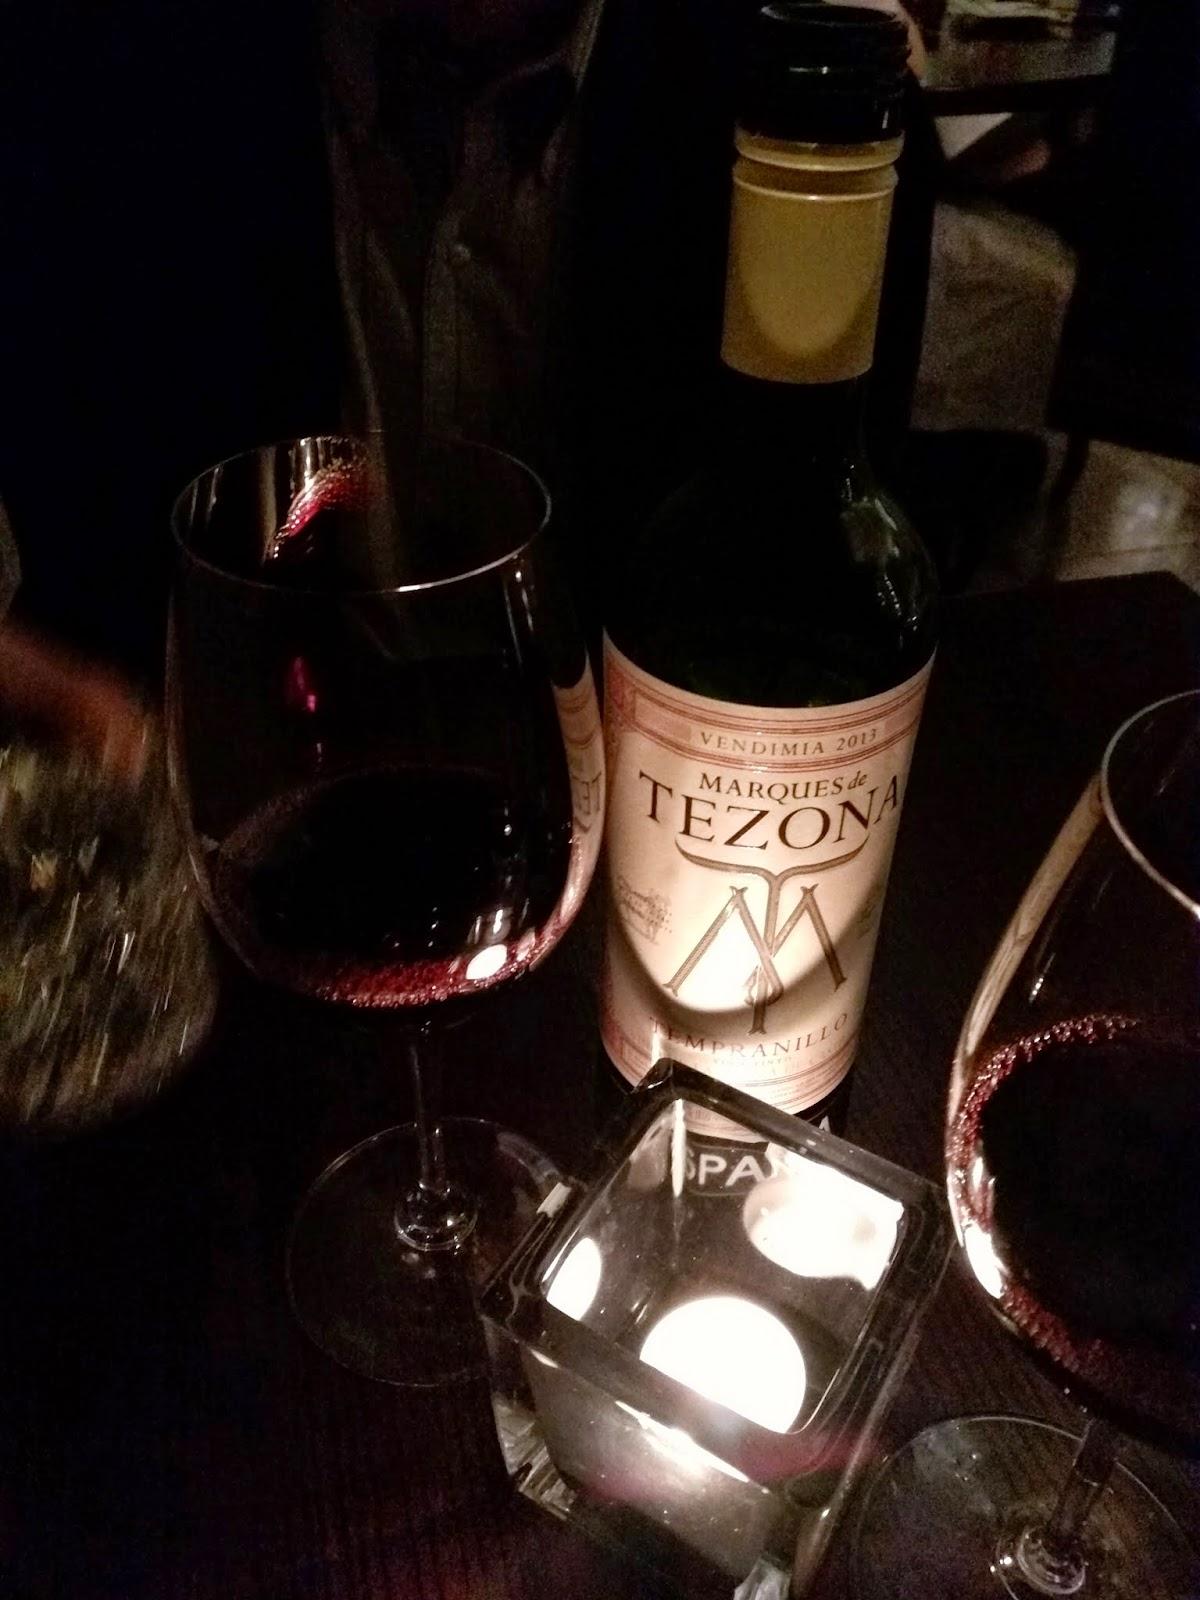 Spanish Rioja wine